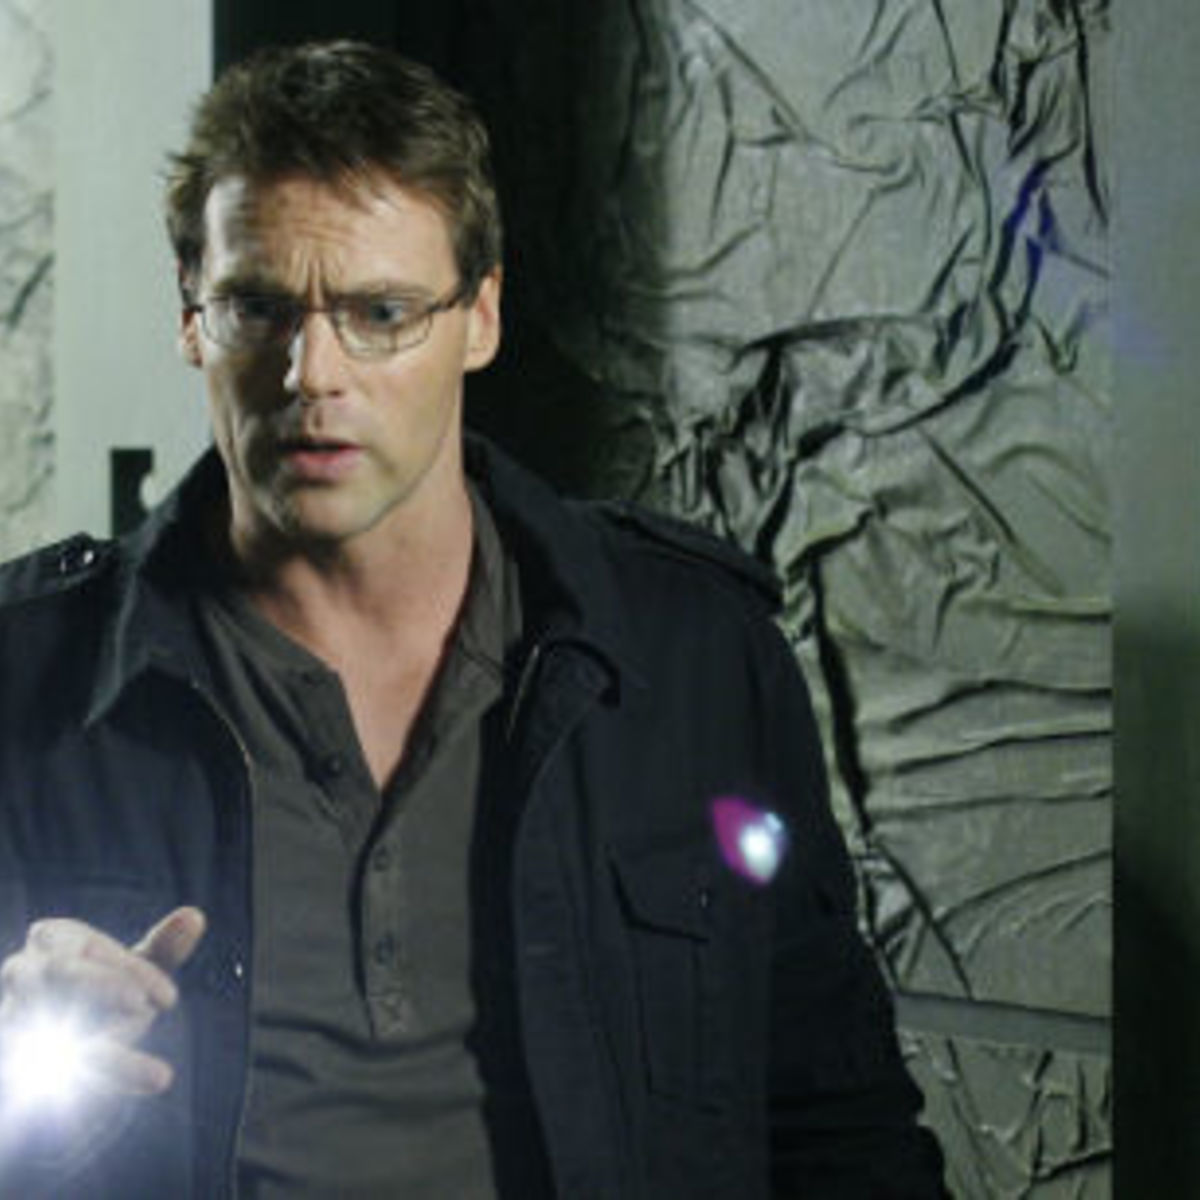 Stargate_MichaelShanks_flashlight_0.JPG